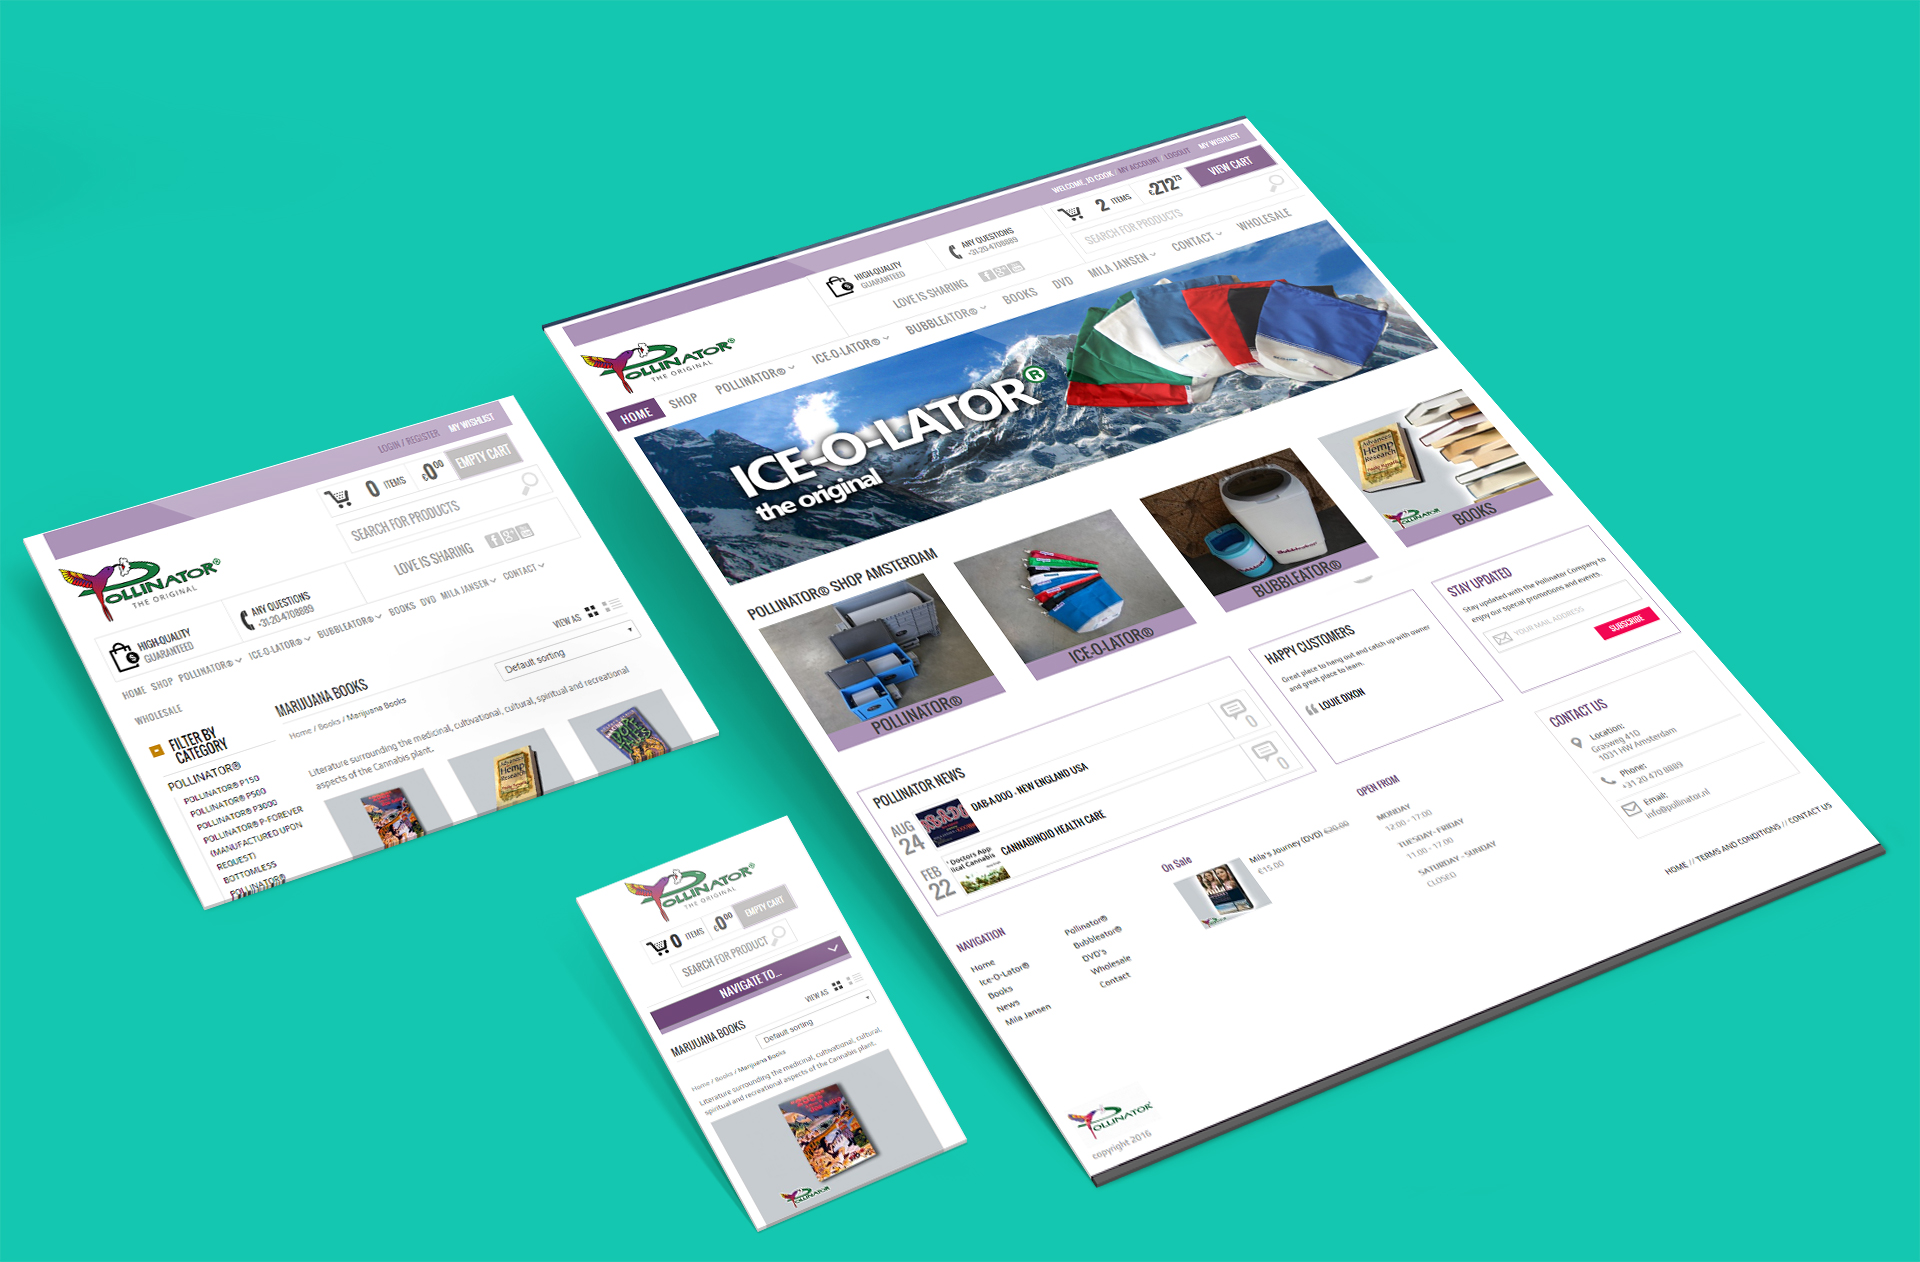 webspacez-pollinator-amsterdam-wbdesign